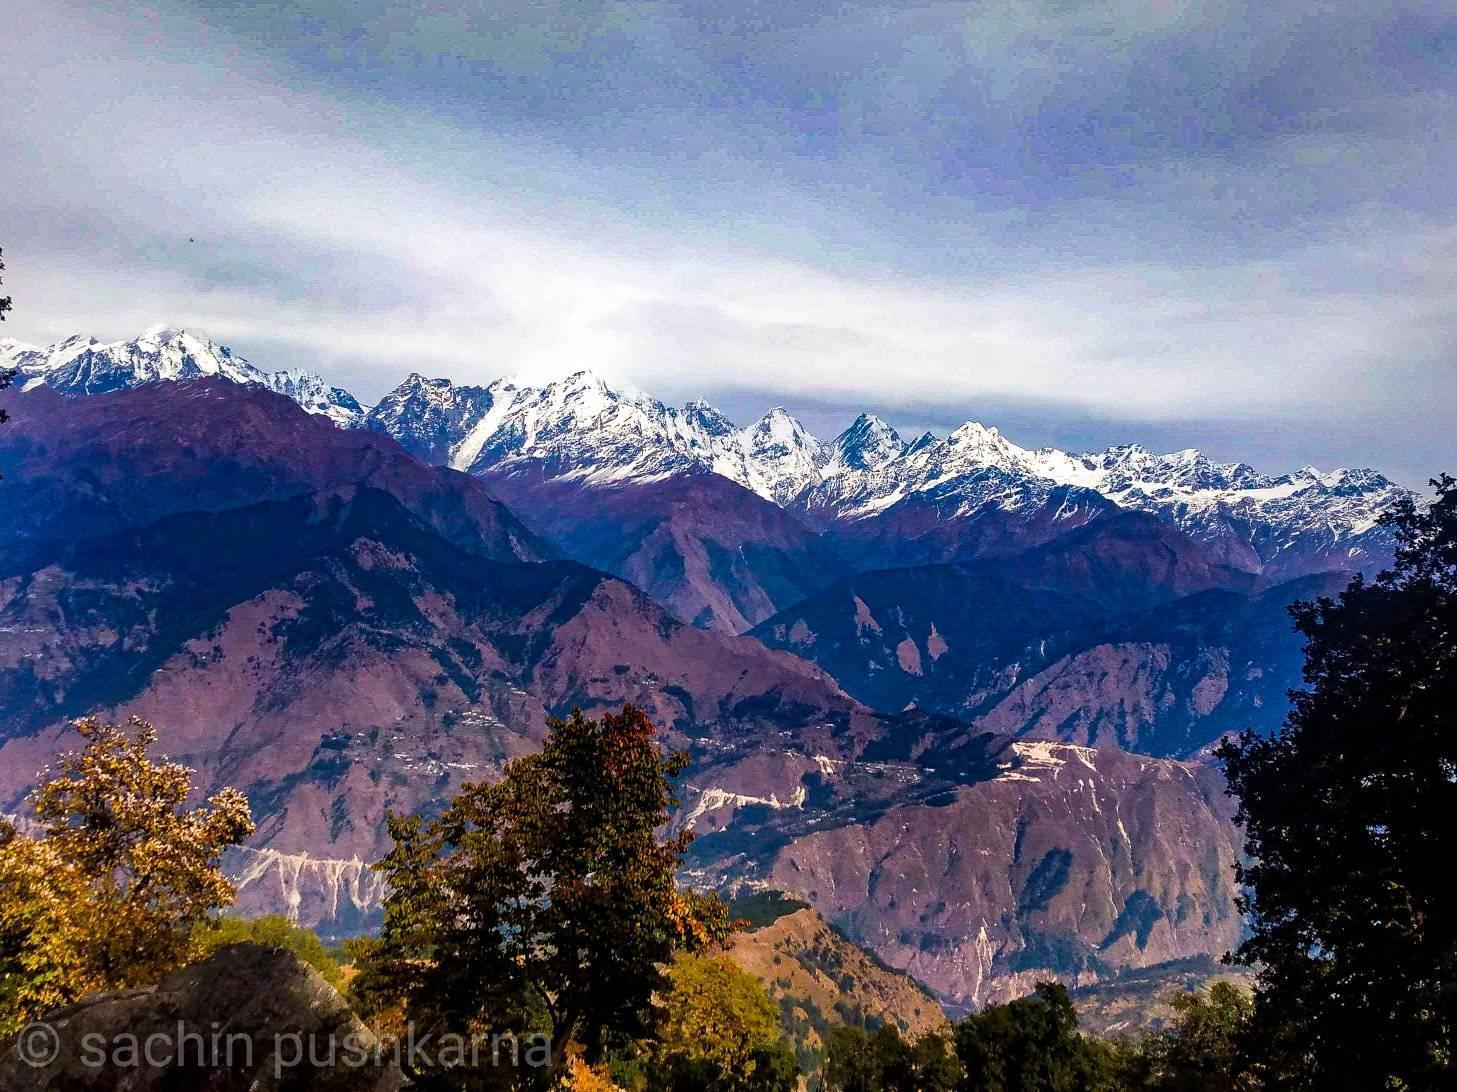 Himalayas from Betuli dhar